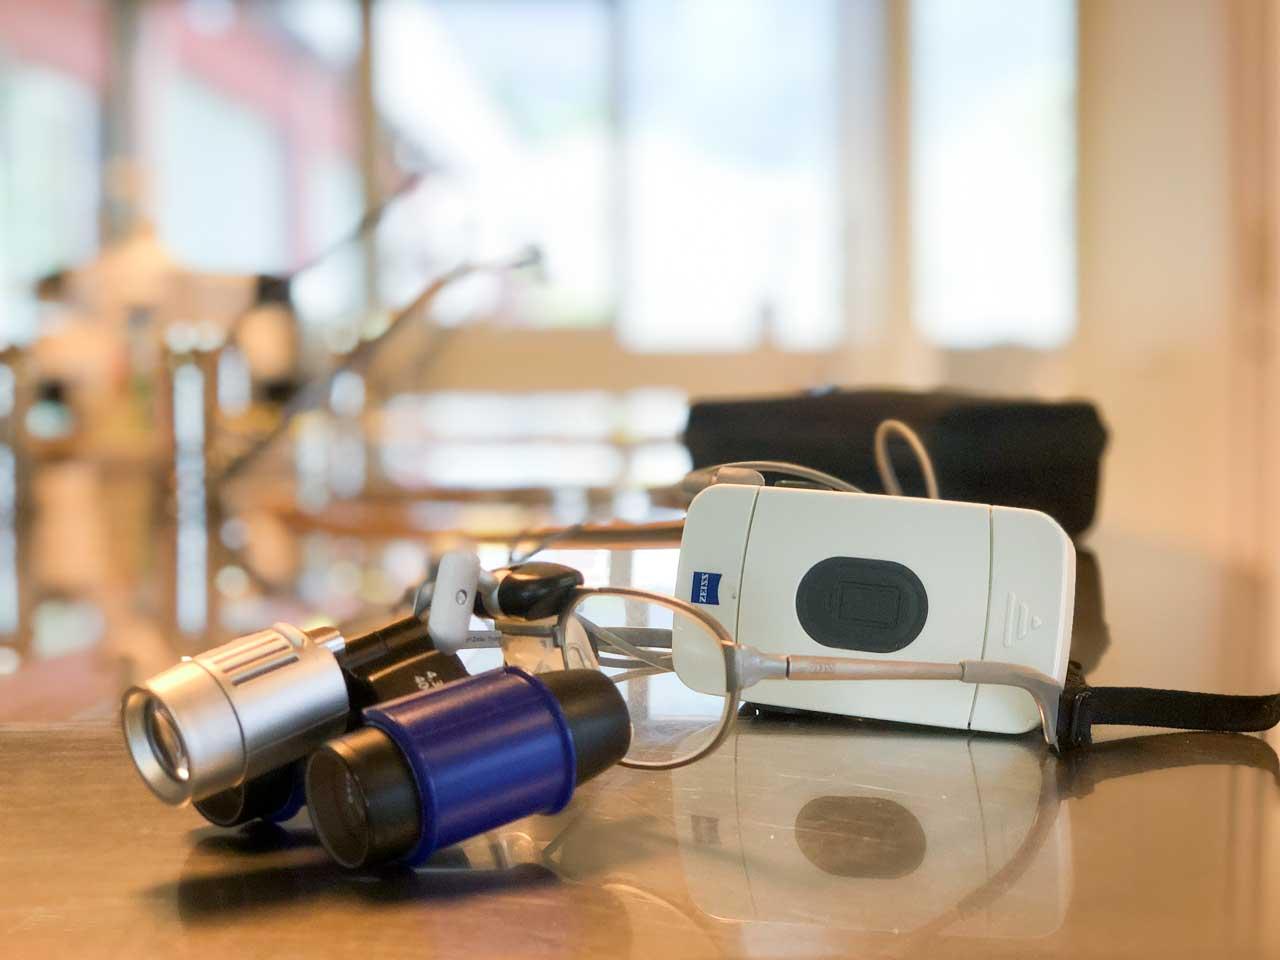 occhialini zeiss - Studi Mezzena Centro di Riabilitazione Odontoiatrica a Concesio (BS) - Orzinuovi (BS) - Pessano (MI) - Treviglio (BG)